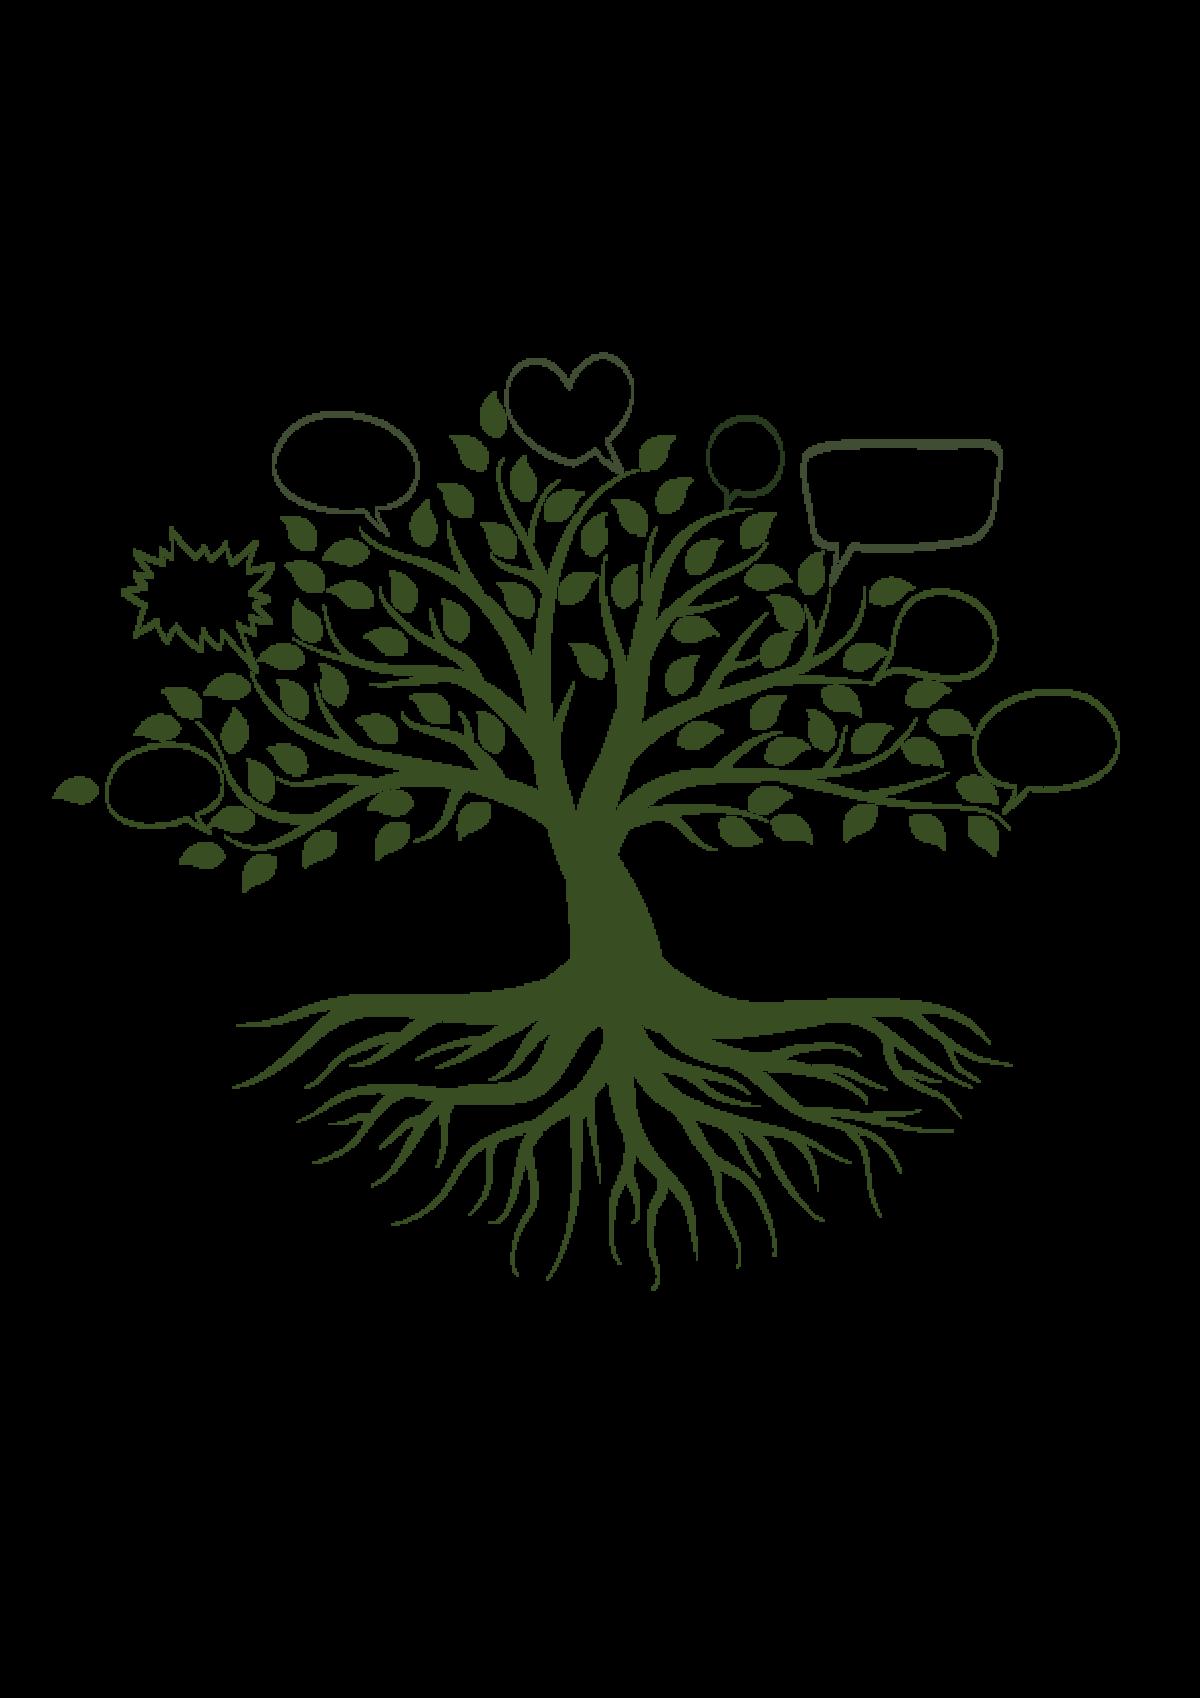 von e design&kommunikation logo